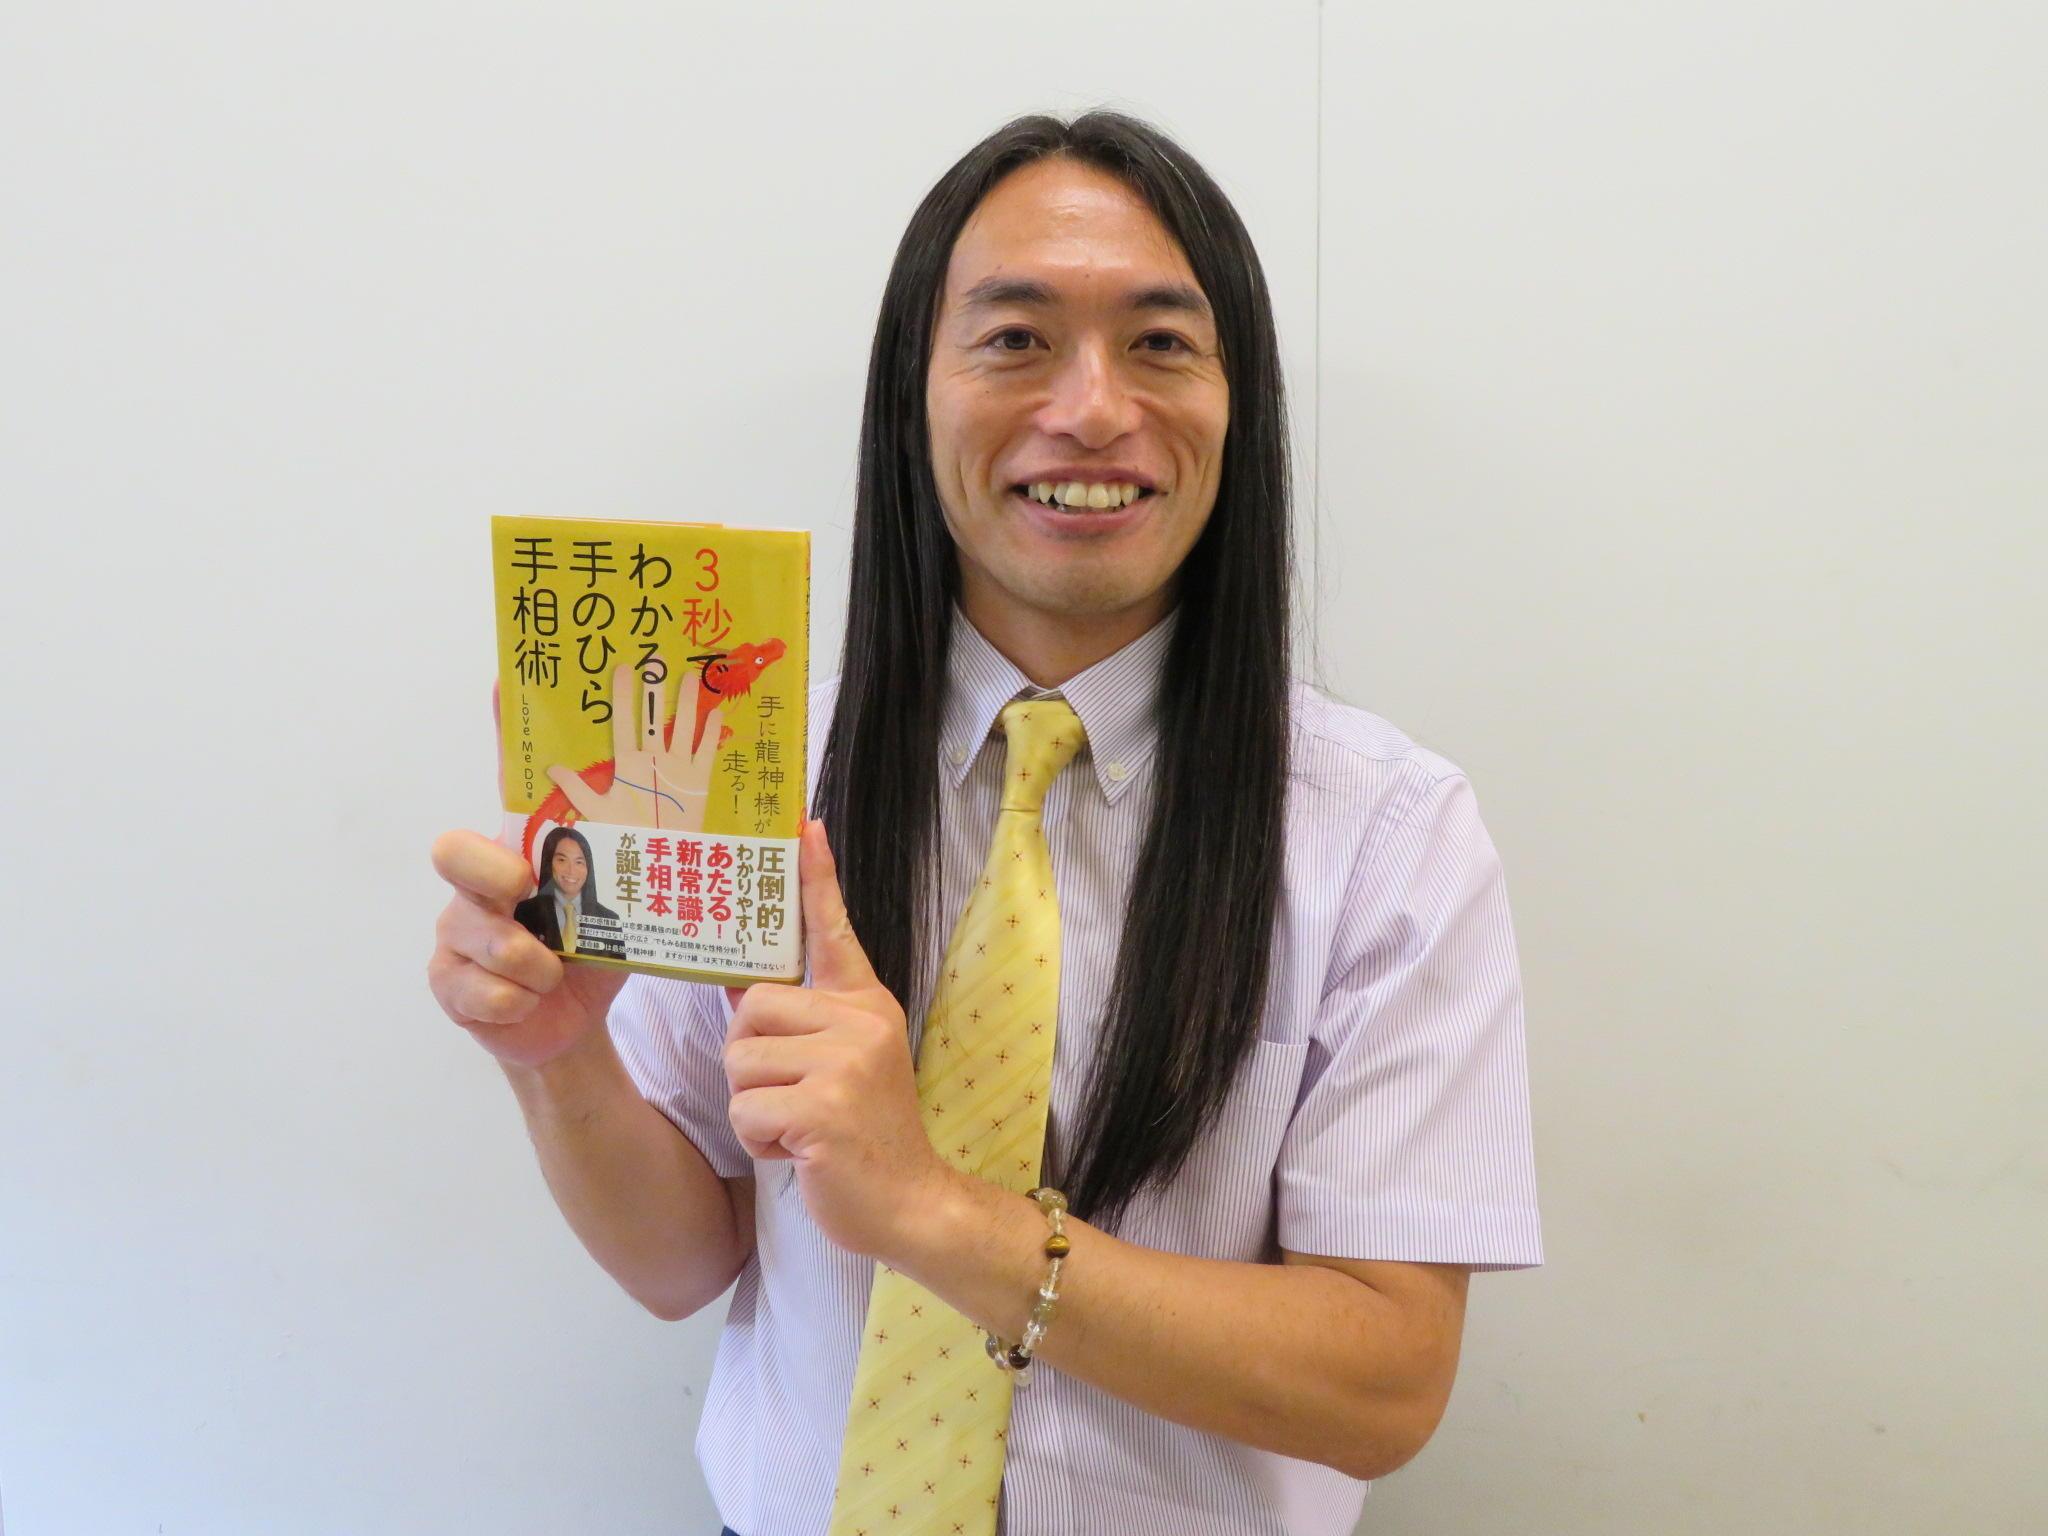 http://news.yoshimoto.co.jp/20180719180402-d3618ad02489a6d10f95bd8f1aee1759d37fa51f.jpg